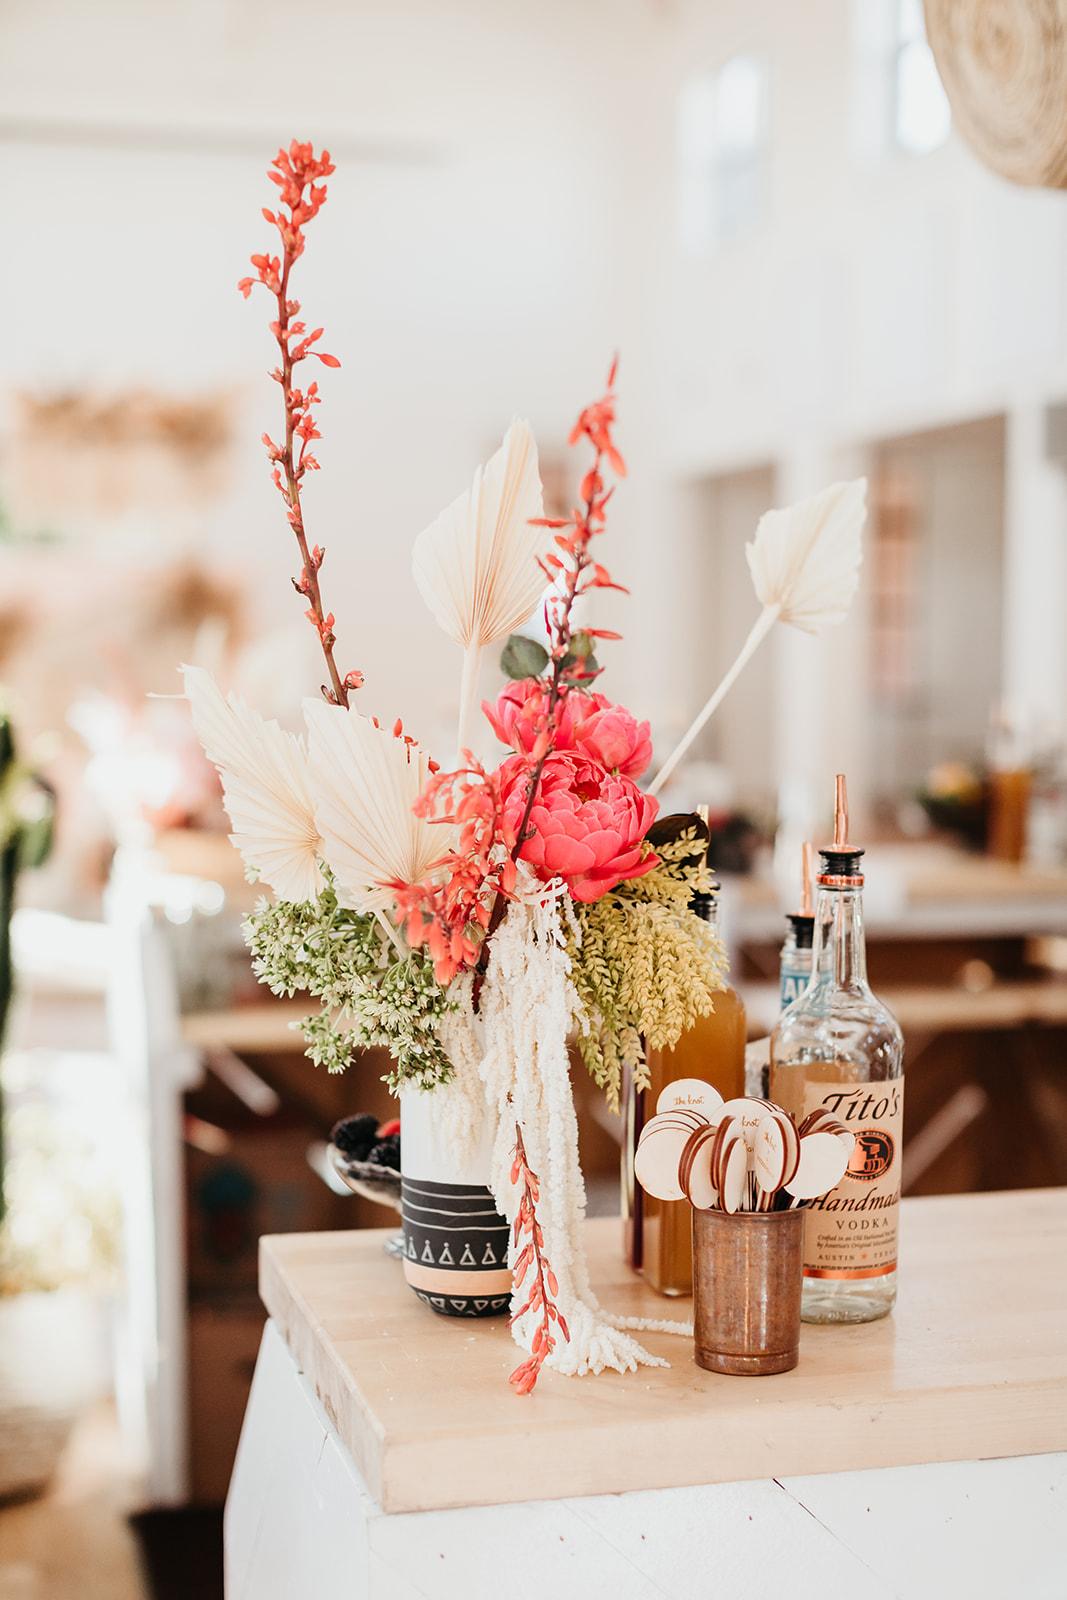 TheKnot-WeddingWire-San-Diego-Mixer-2019-236.jpg